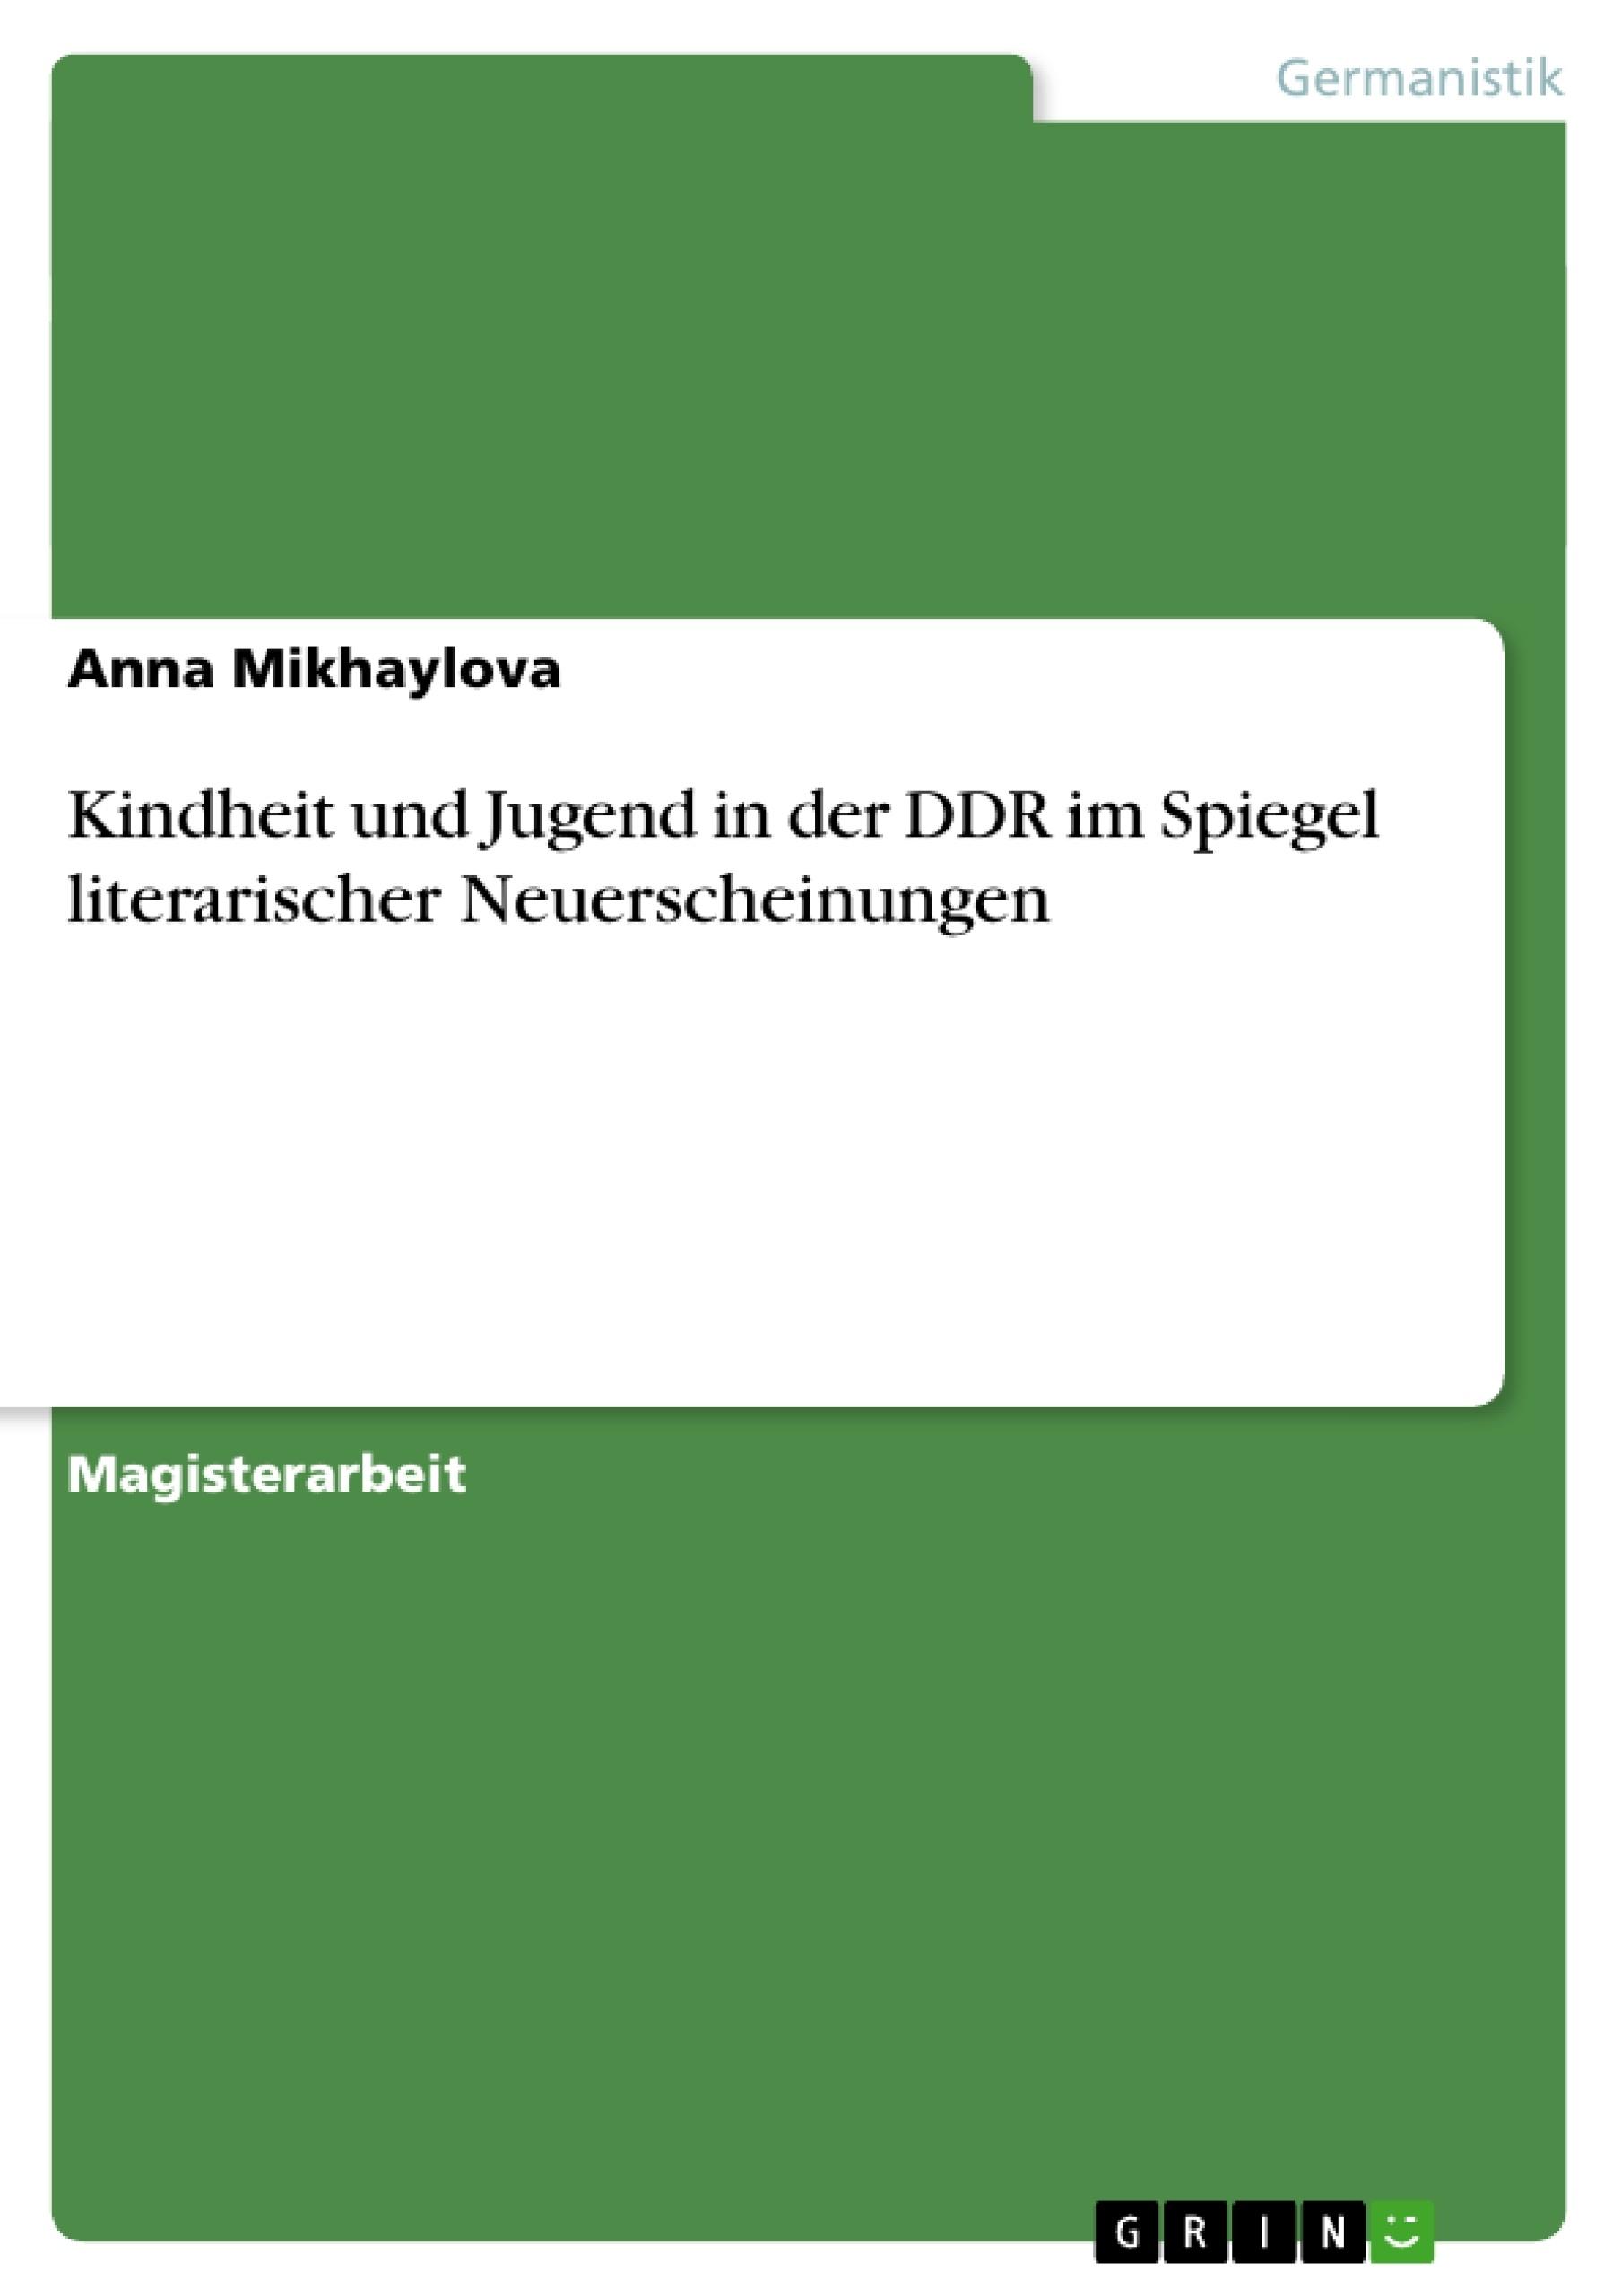 Titel: Kindheit und Jugend in der DDR im Spiegel literarischer Neuerscheinungen